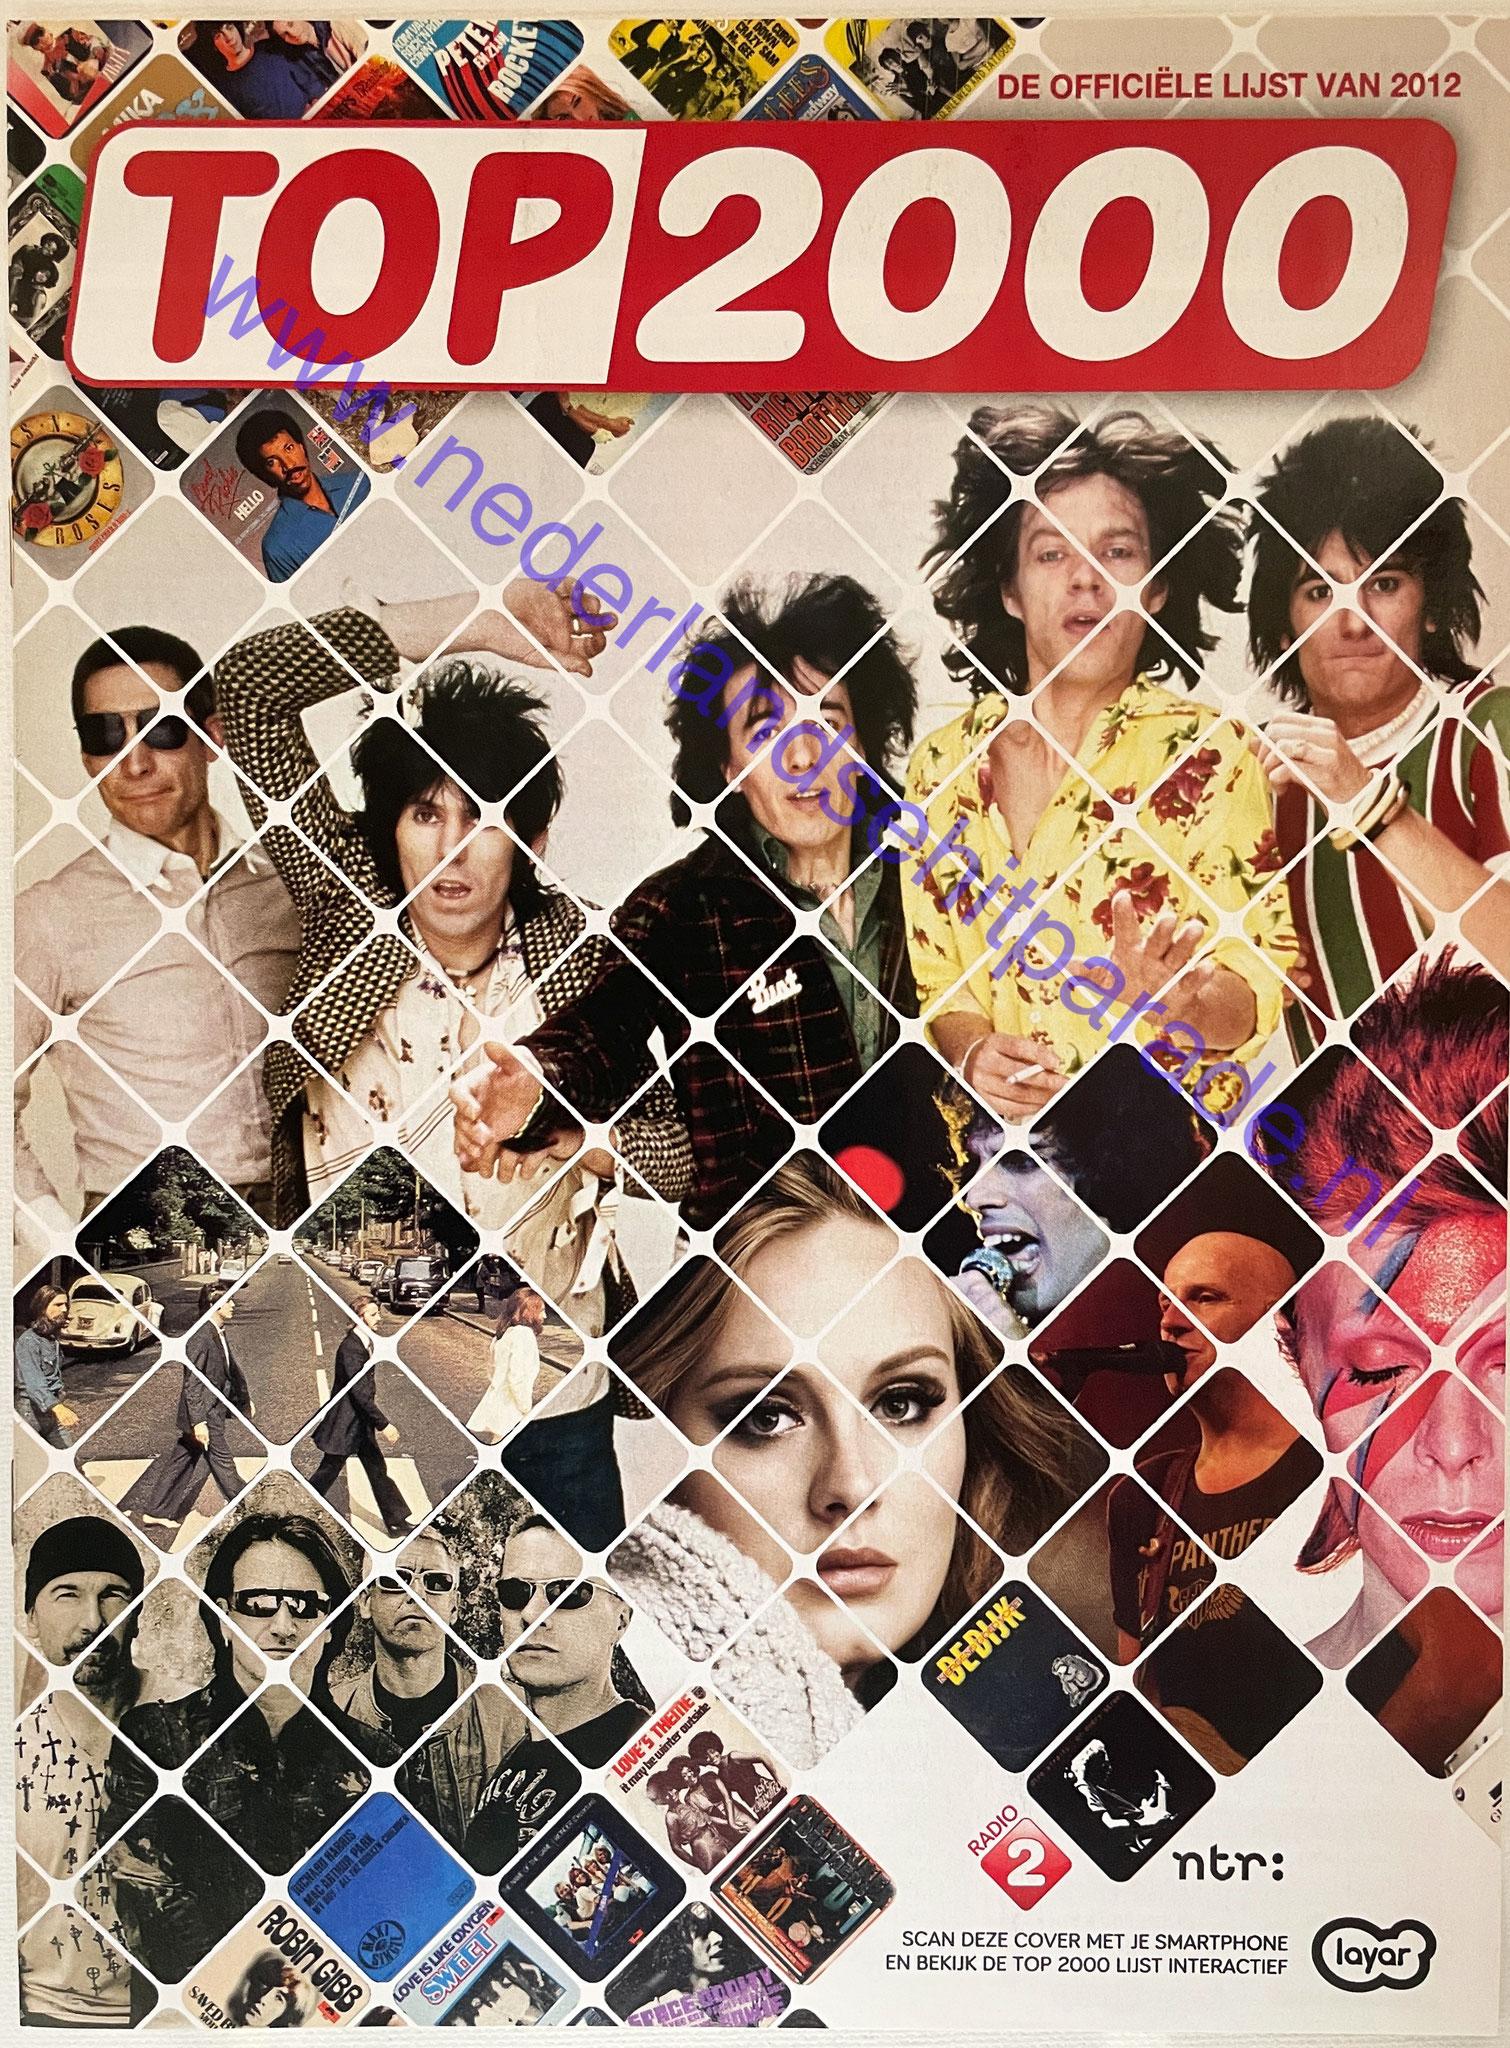 Top 2000 2012